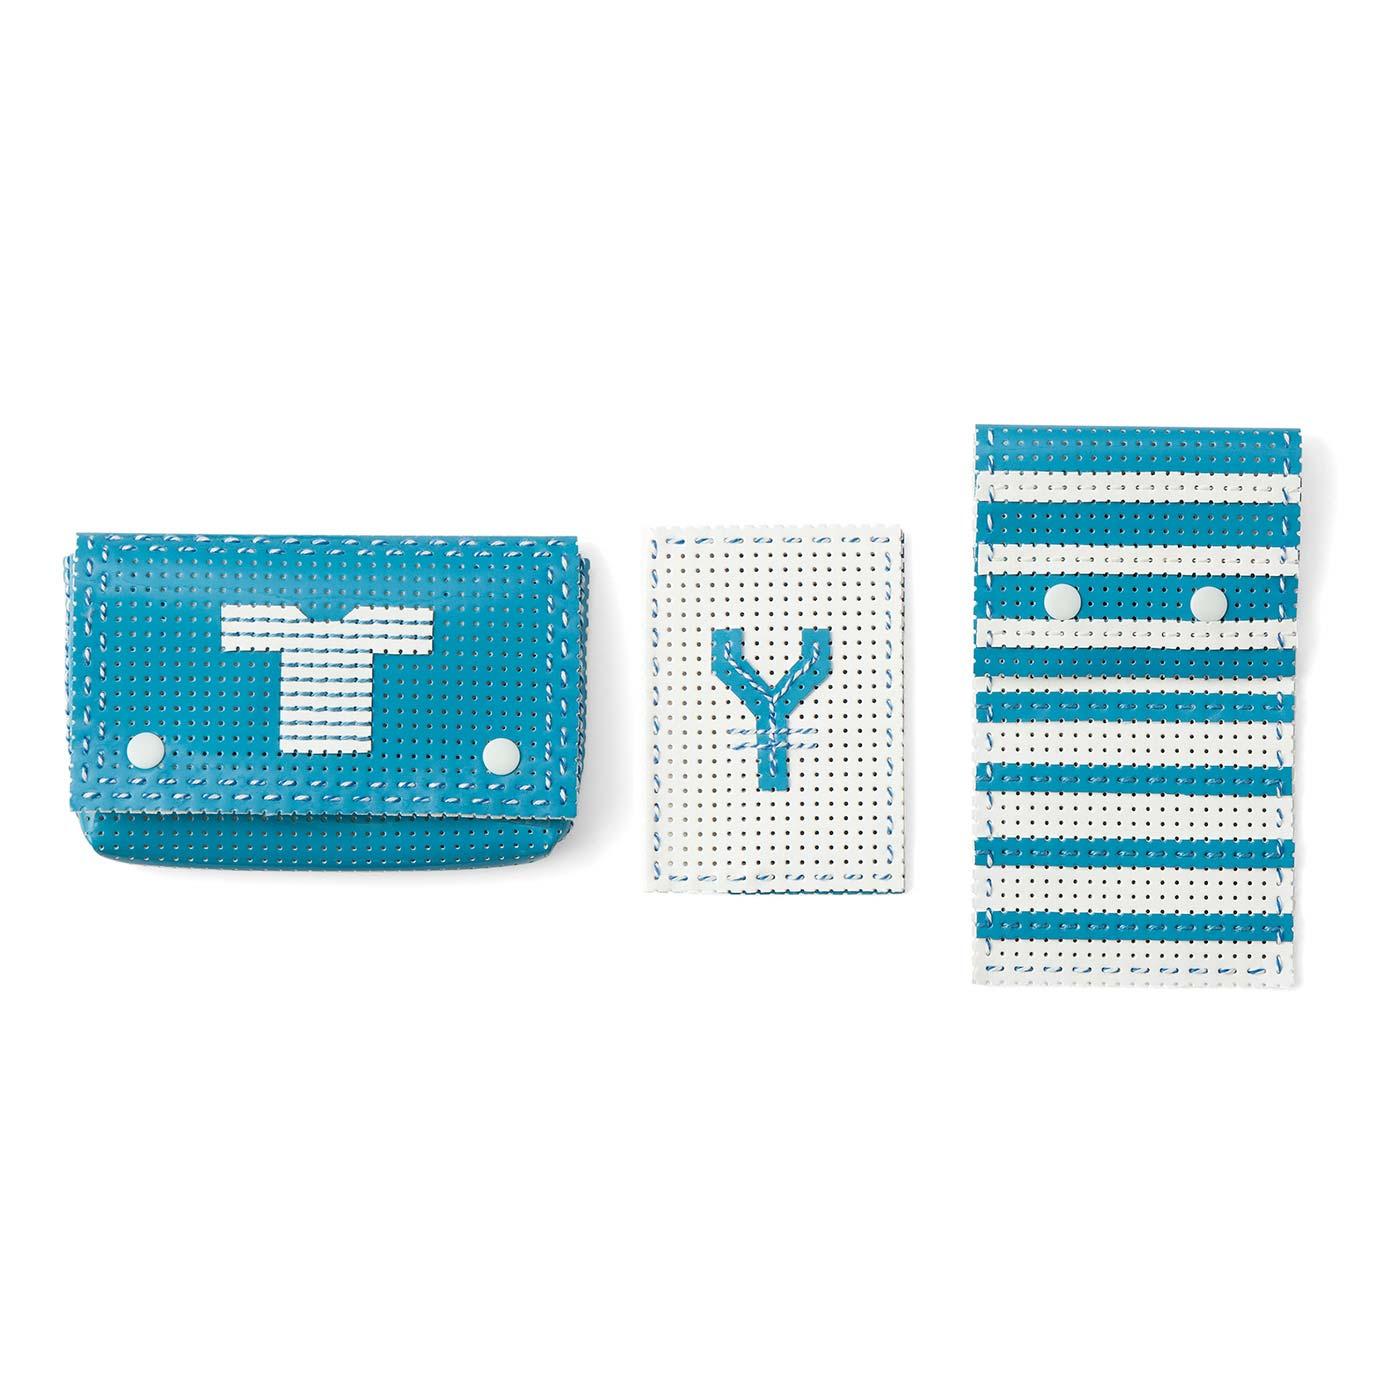 Petits accessories de sac(プティ・ザクセソワール・ドゥ・サック)(ケースセット) 横長ケース:縦約8cm、横約14cm、まち幅約2cm など